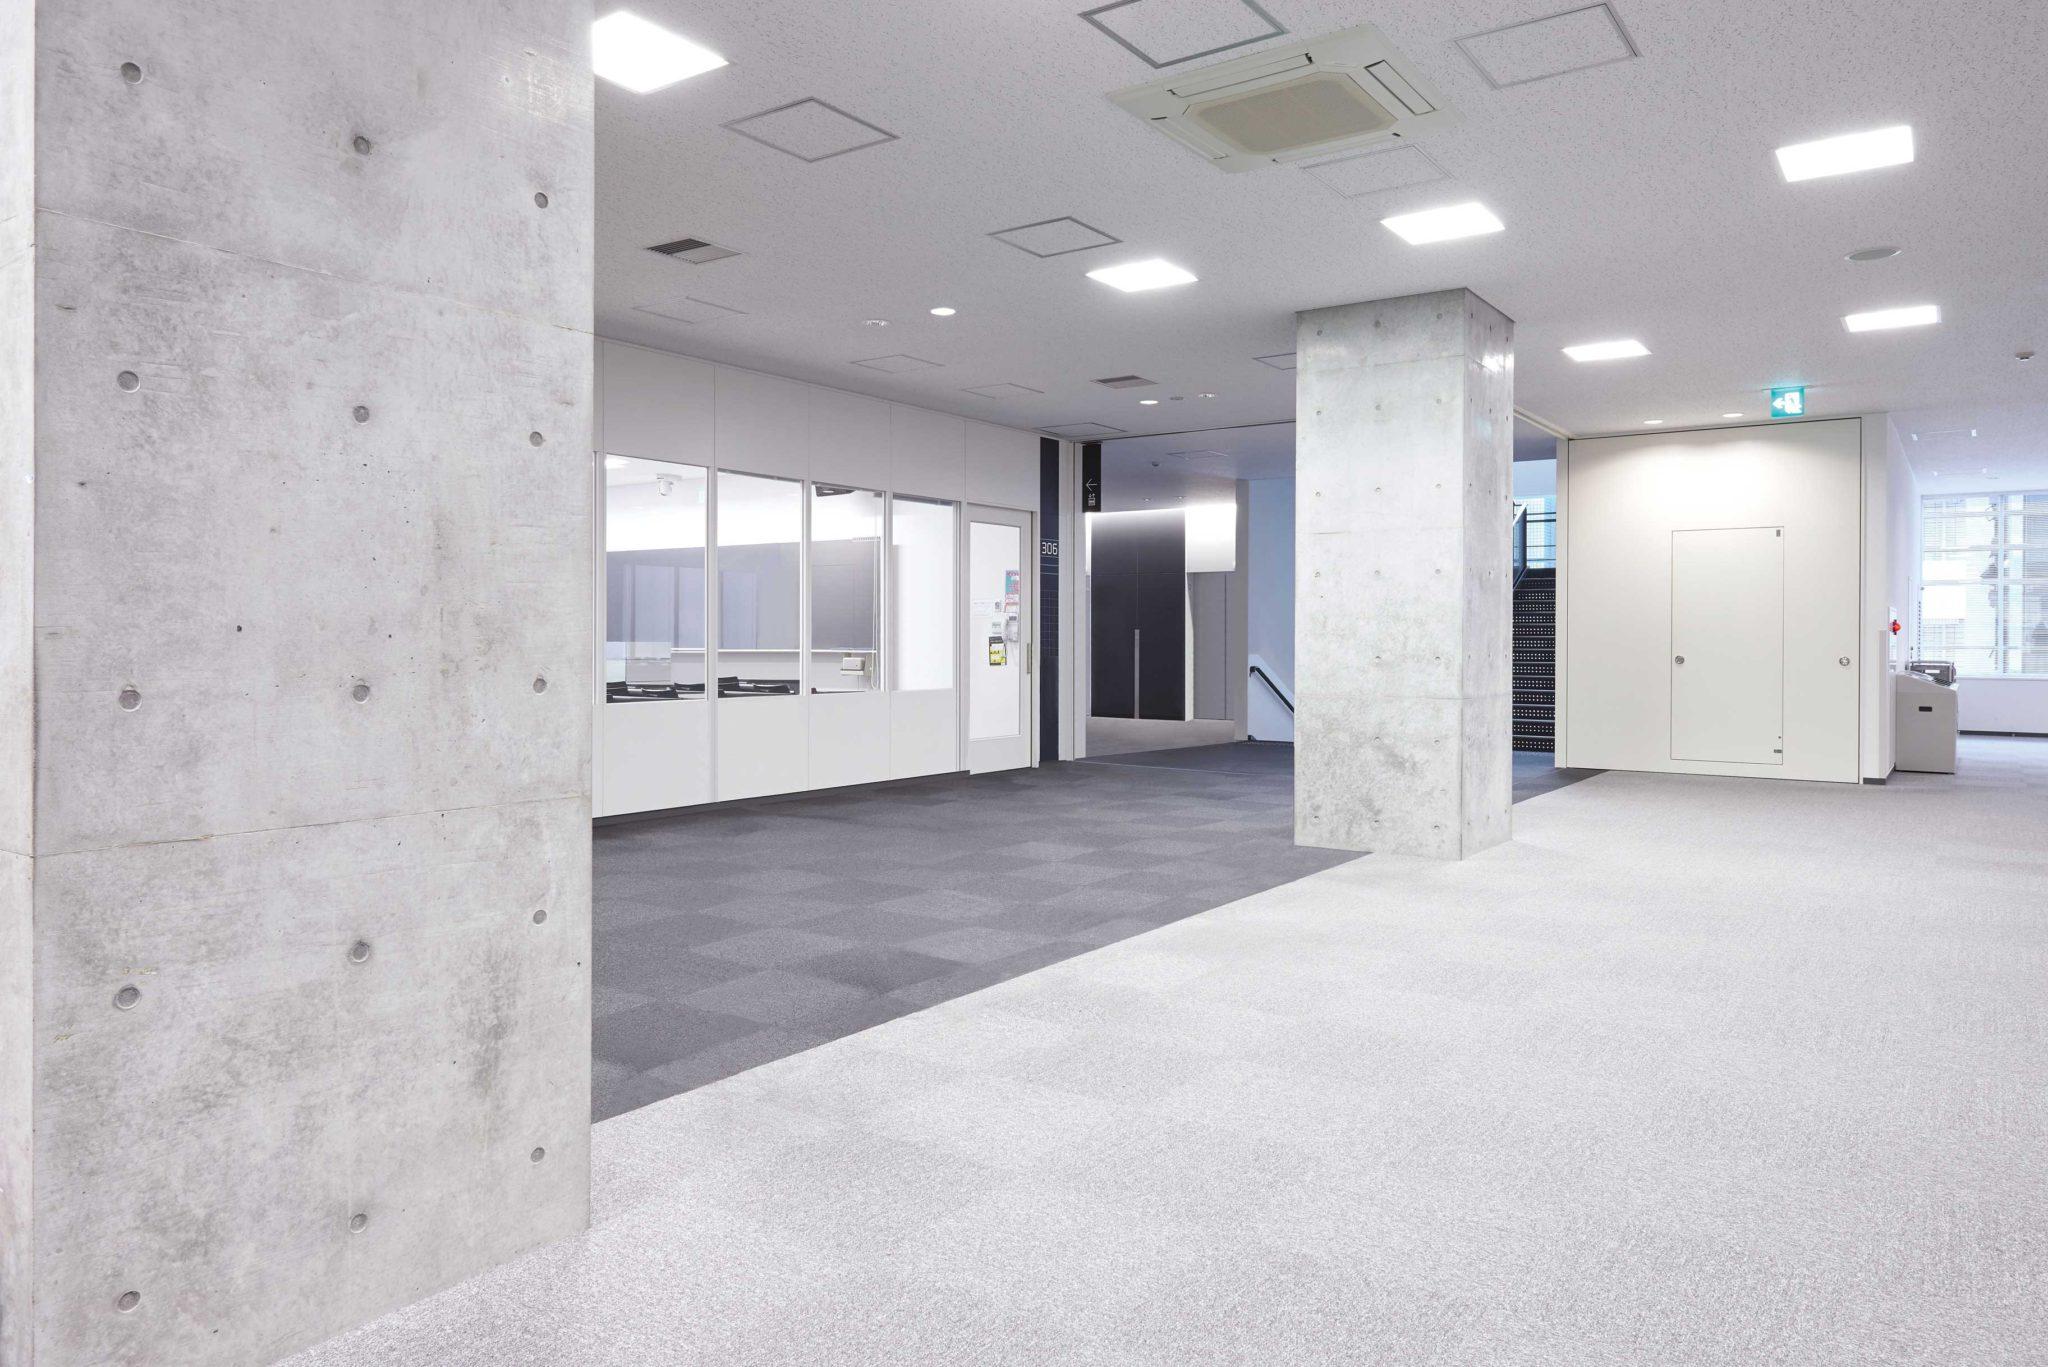 学校 - 廊下_before